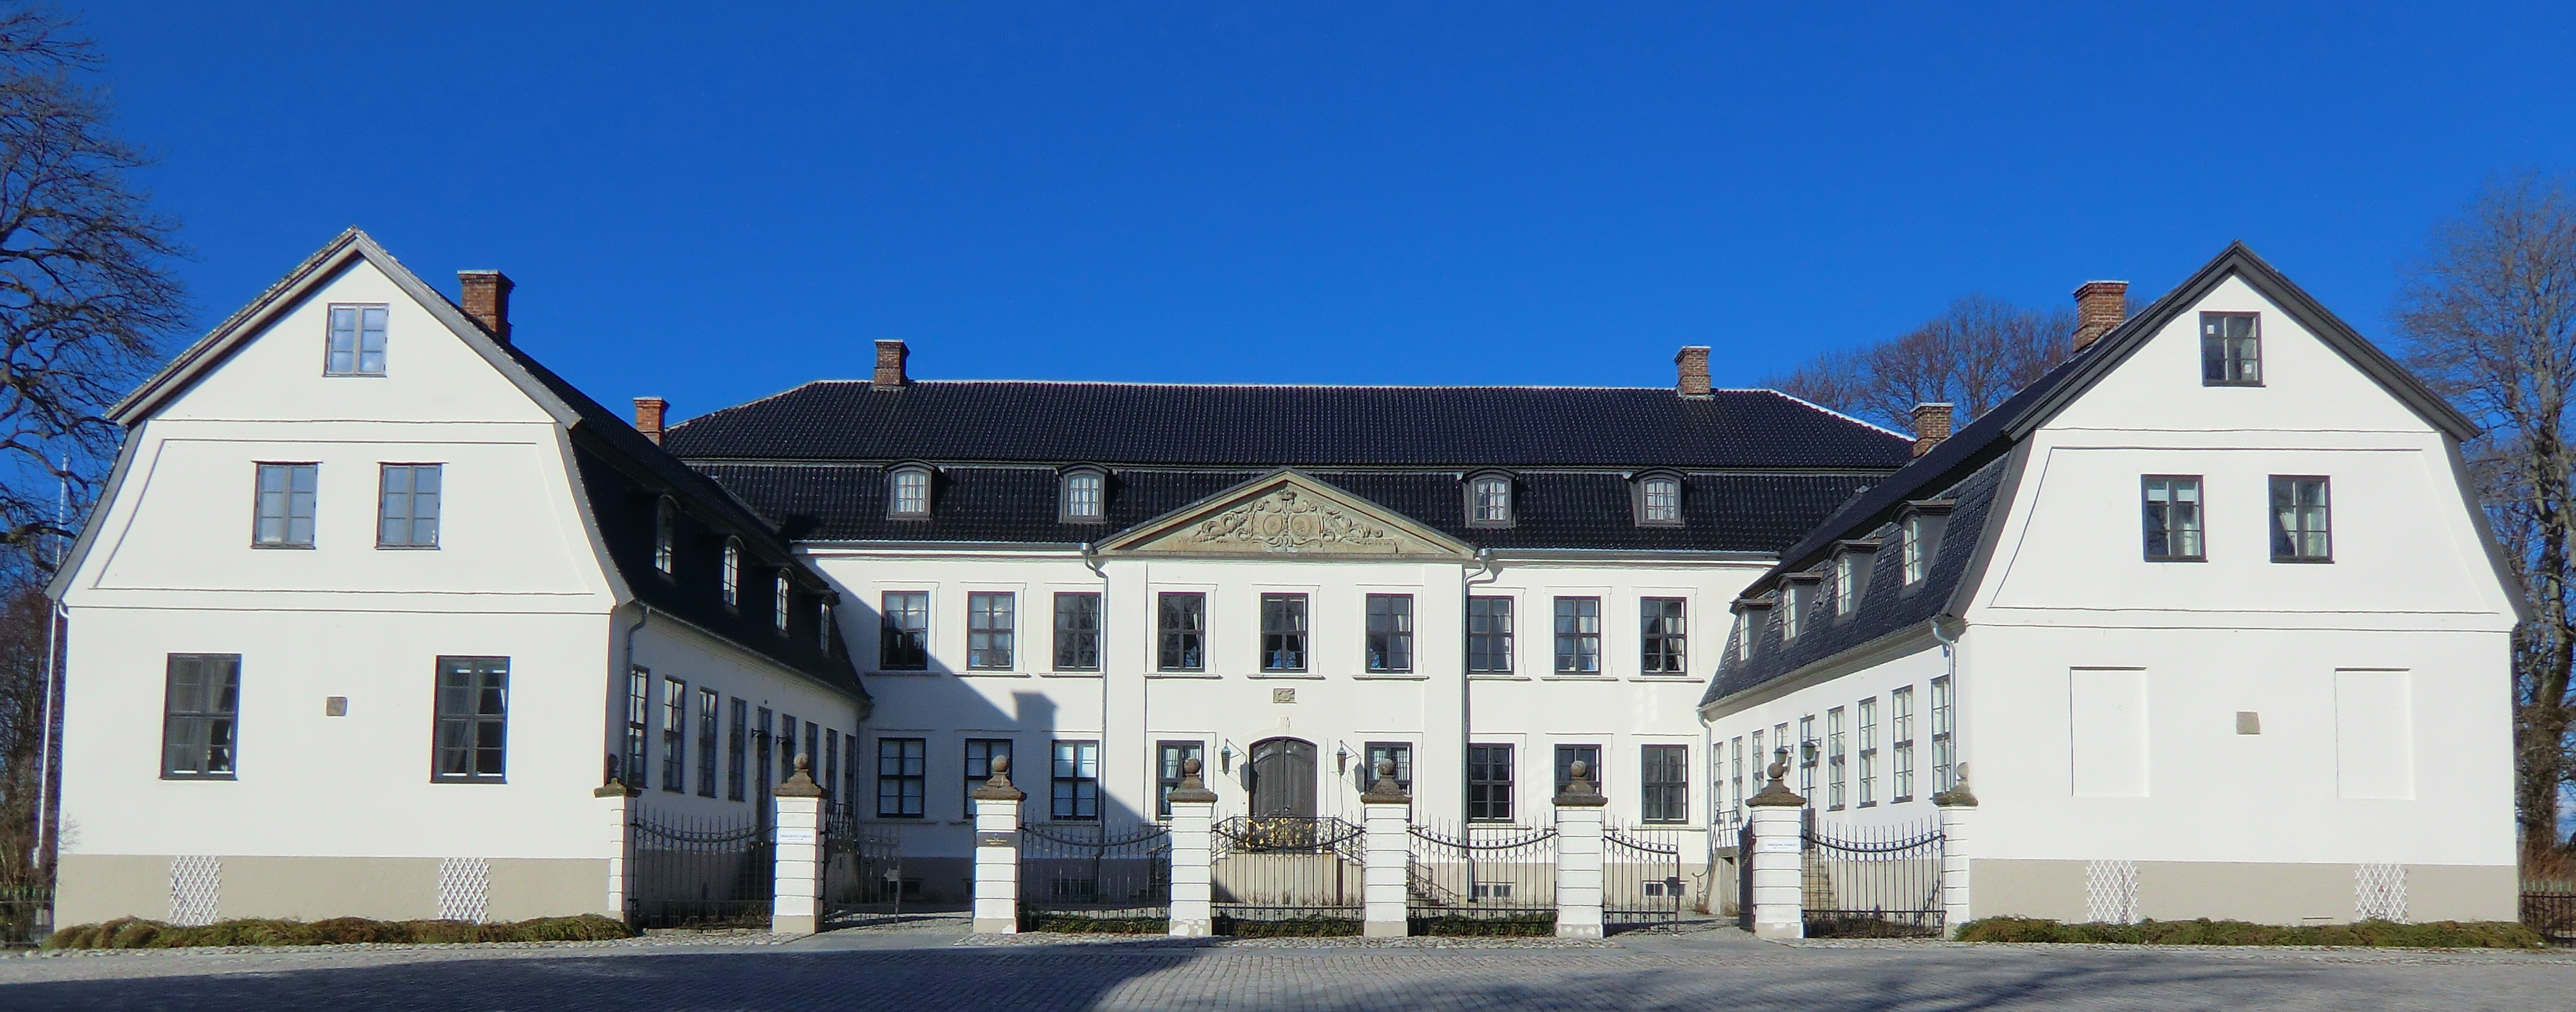 The Hafslund Manor